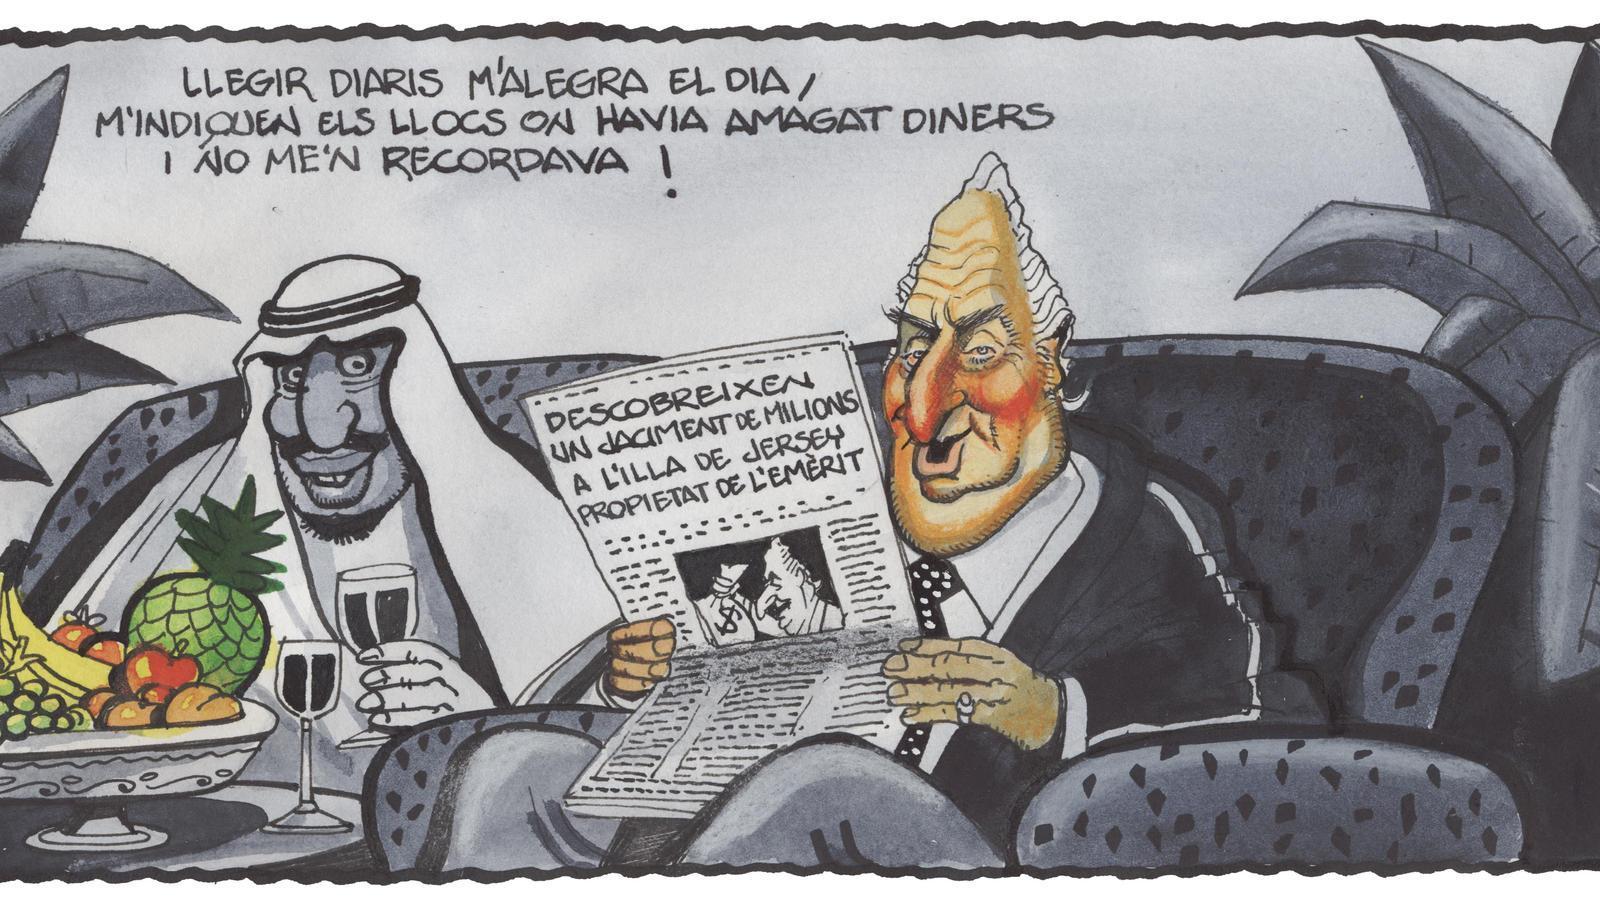 'A la contra', per Ferreres 18/11/2020